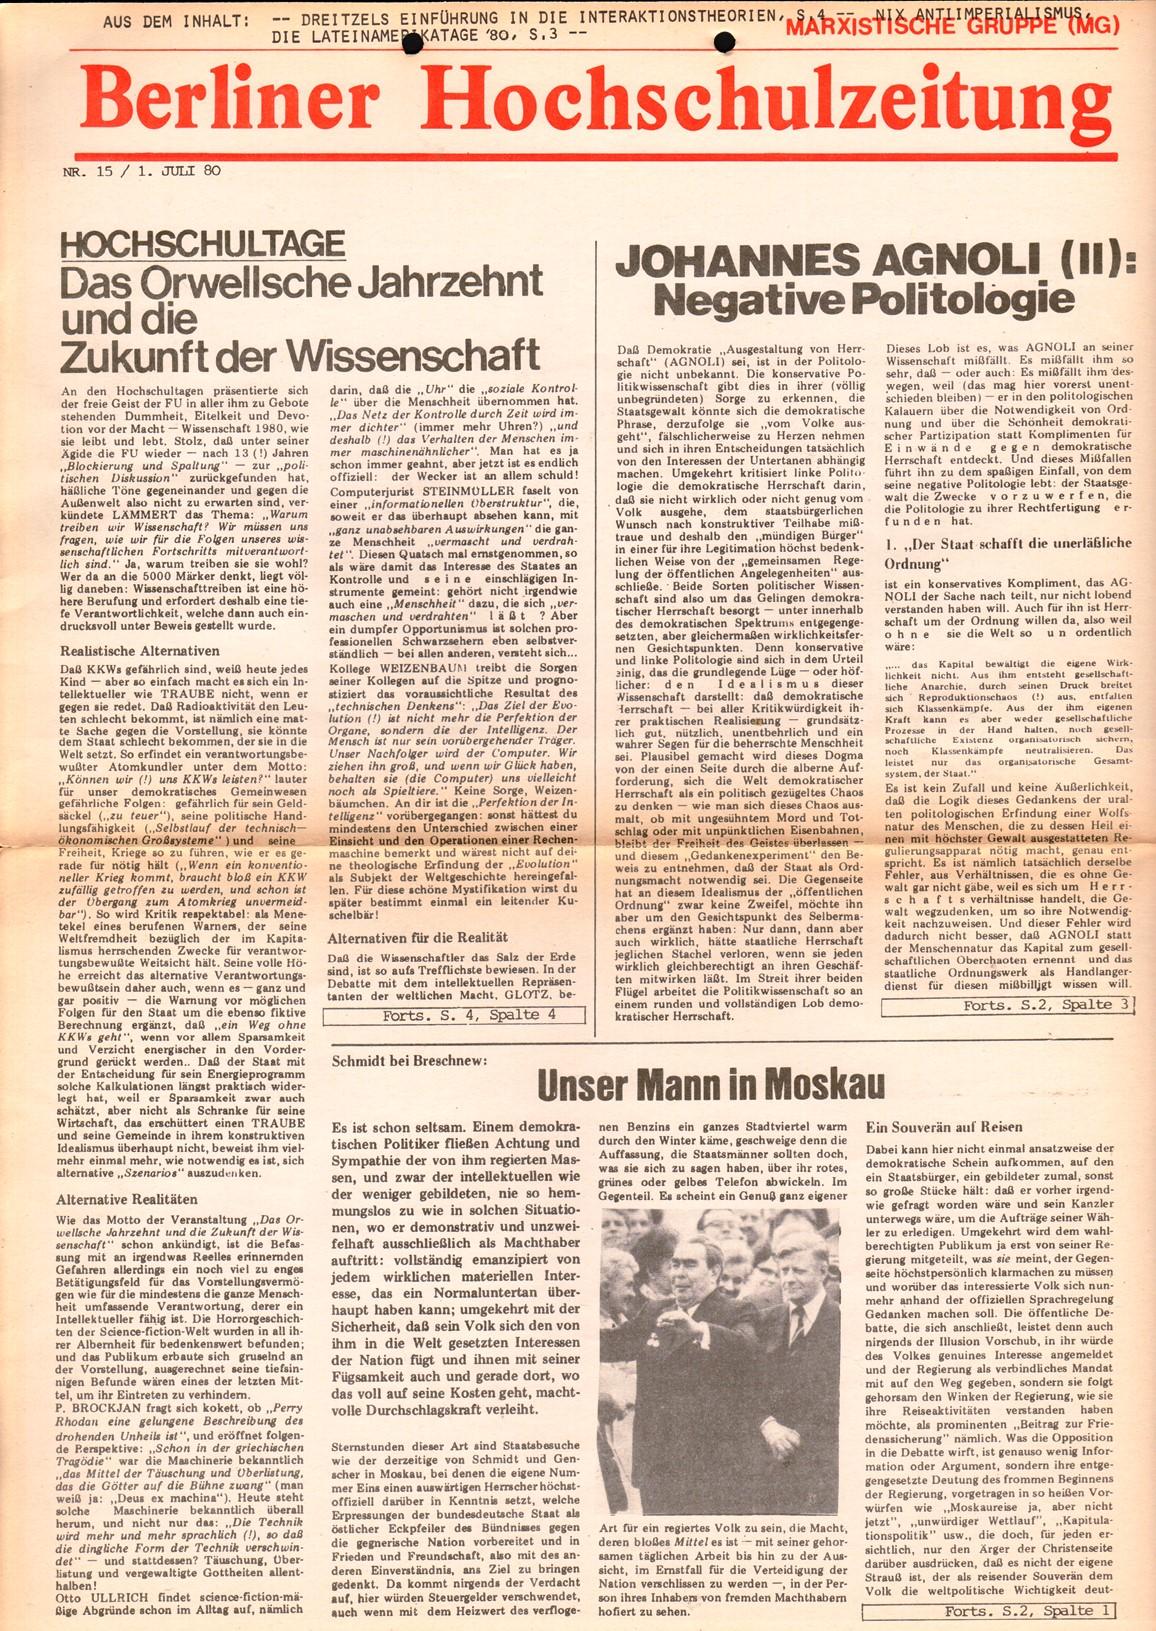 Berlin_MG_Hochschulzeitung_19800701_01